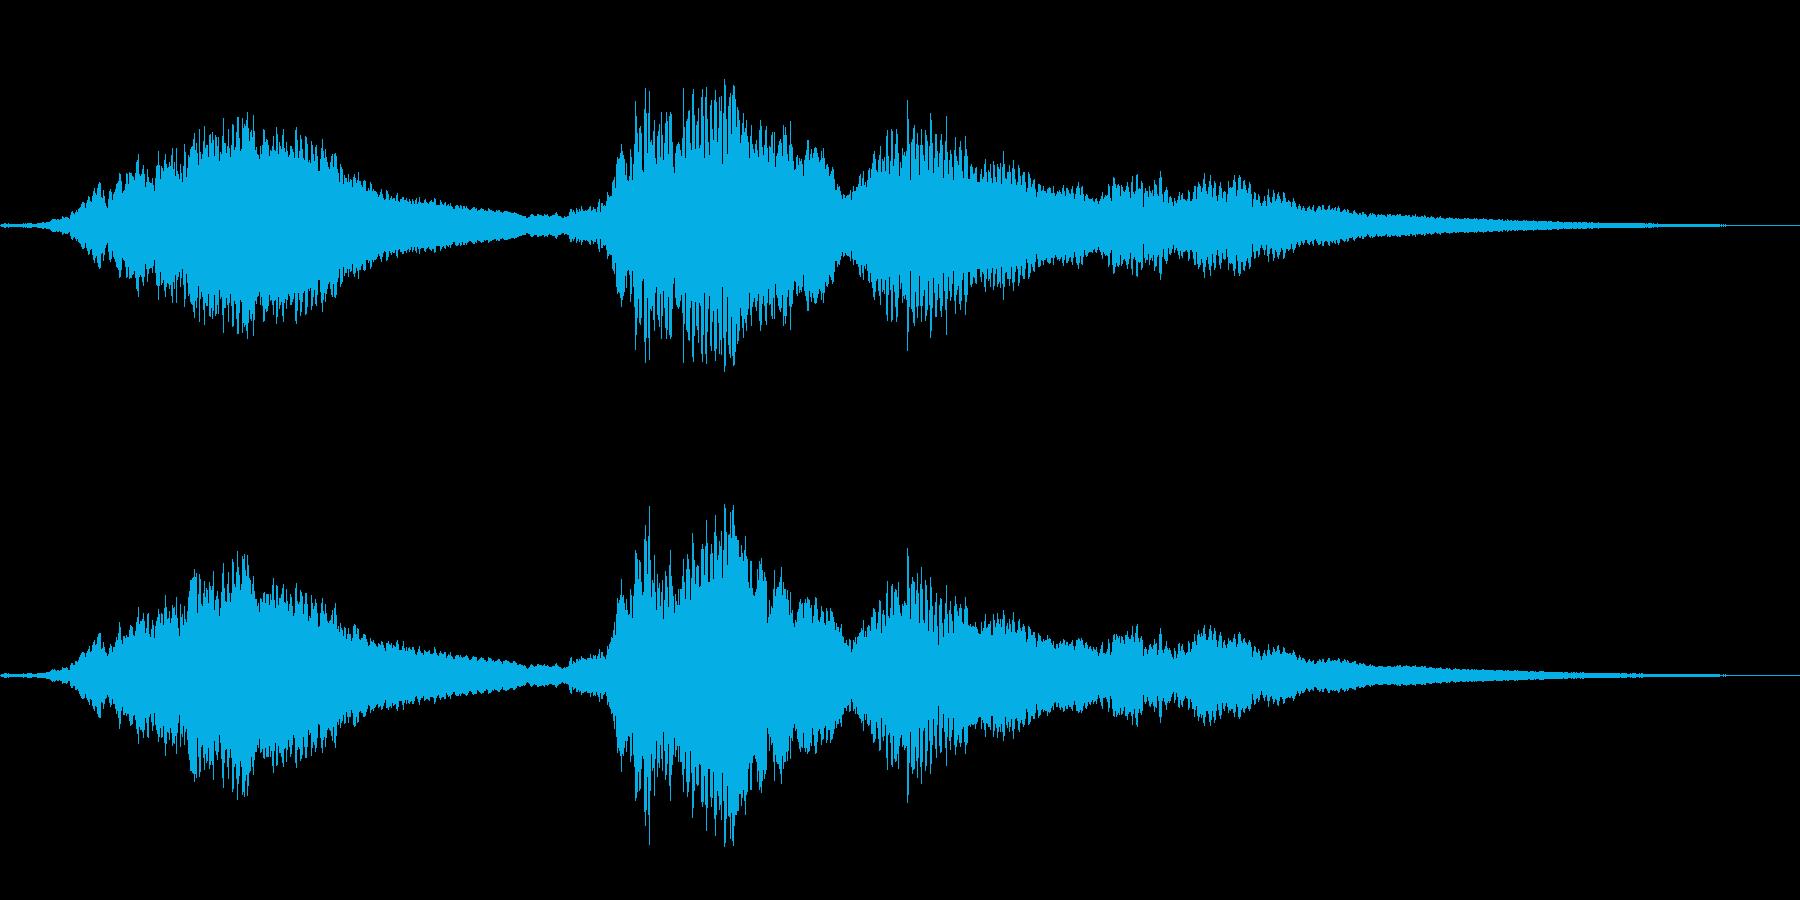 『ドロドロドロ・・』和製ドラの抑揚連打音の再生済みの波形